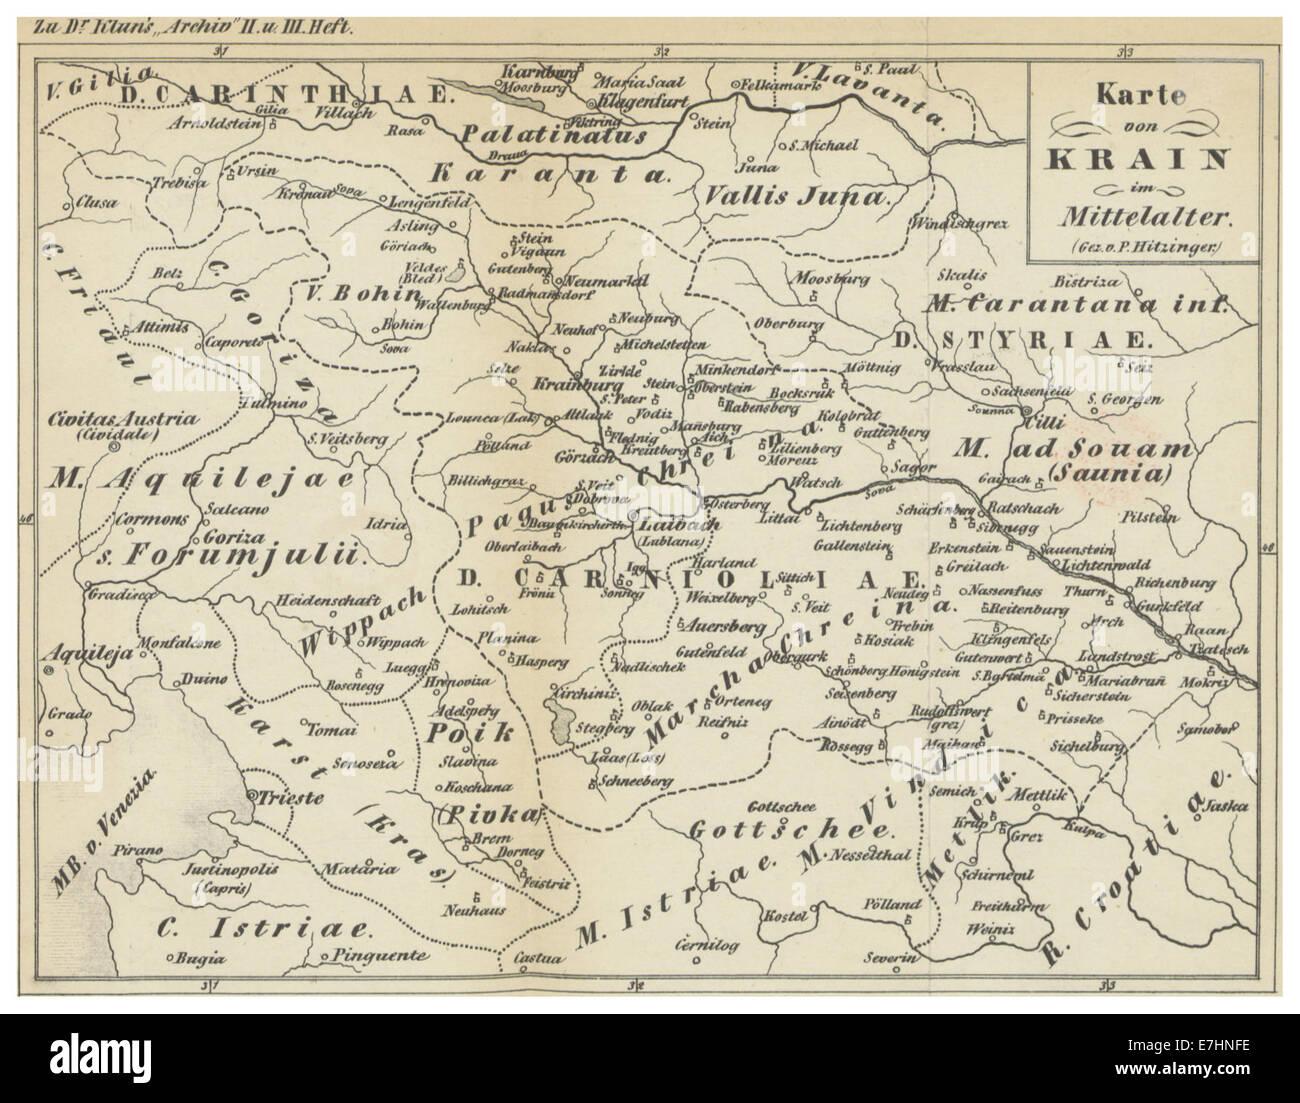 (1854) Karte von KRAIN im Mittelalter - Stock Image